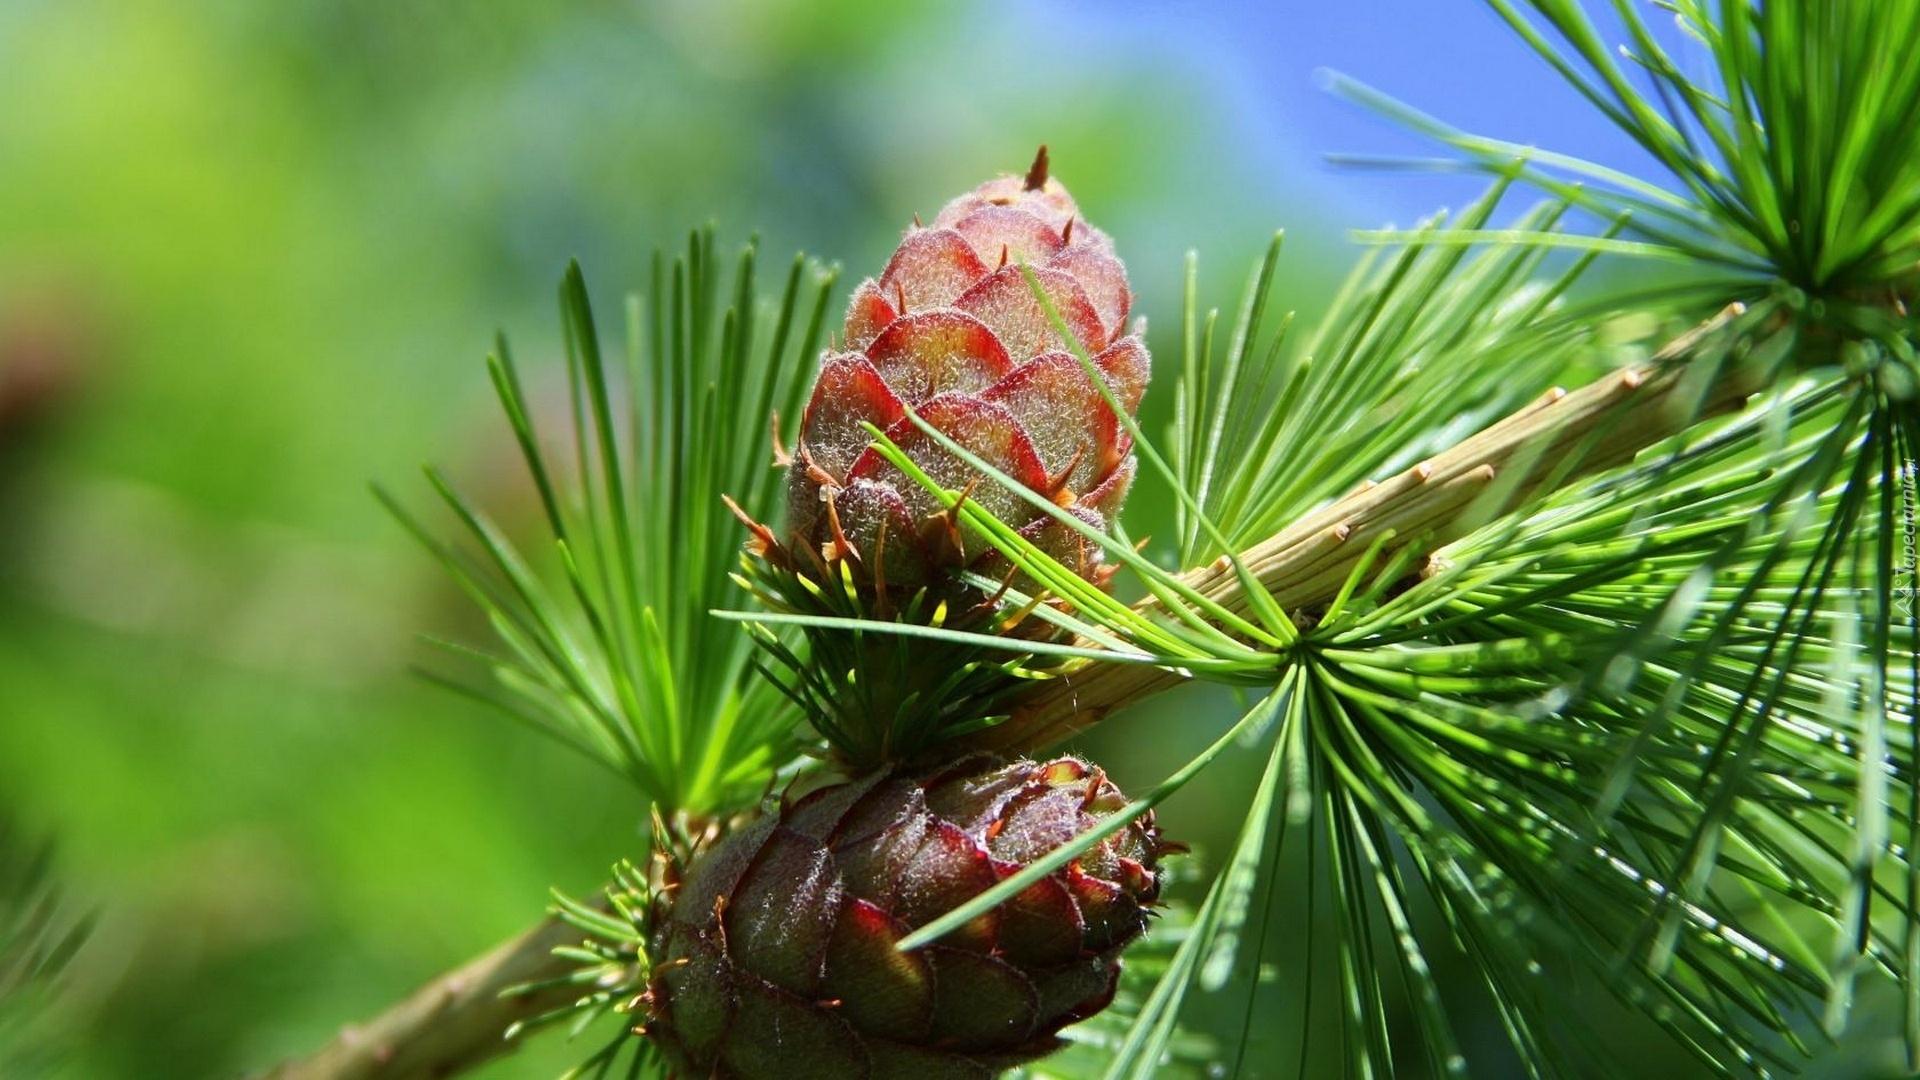 Pine Cone HD Wallpaper